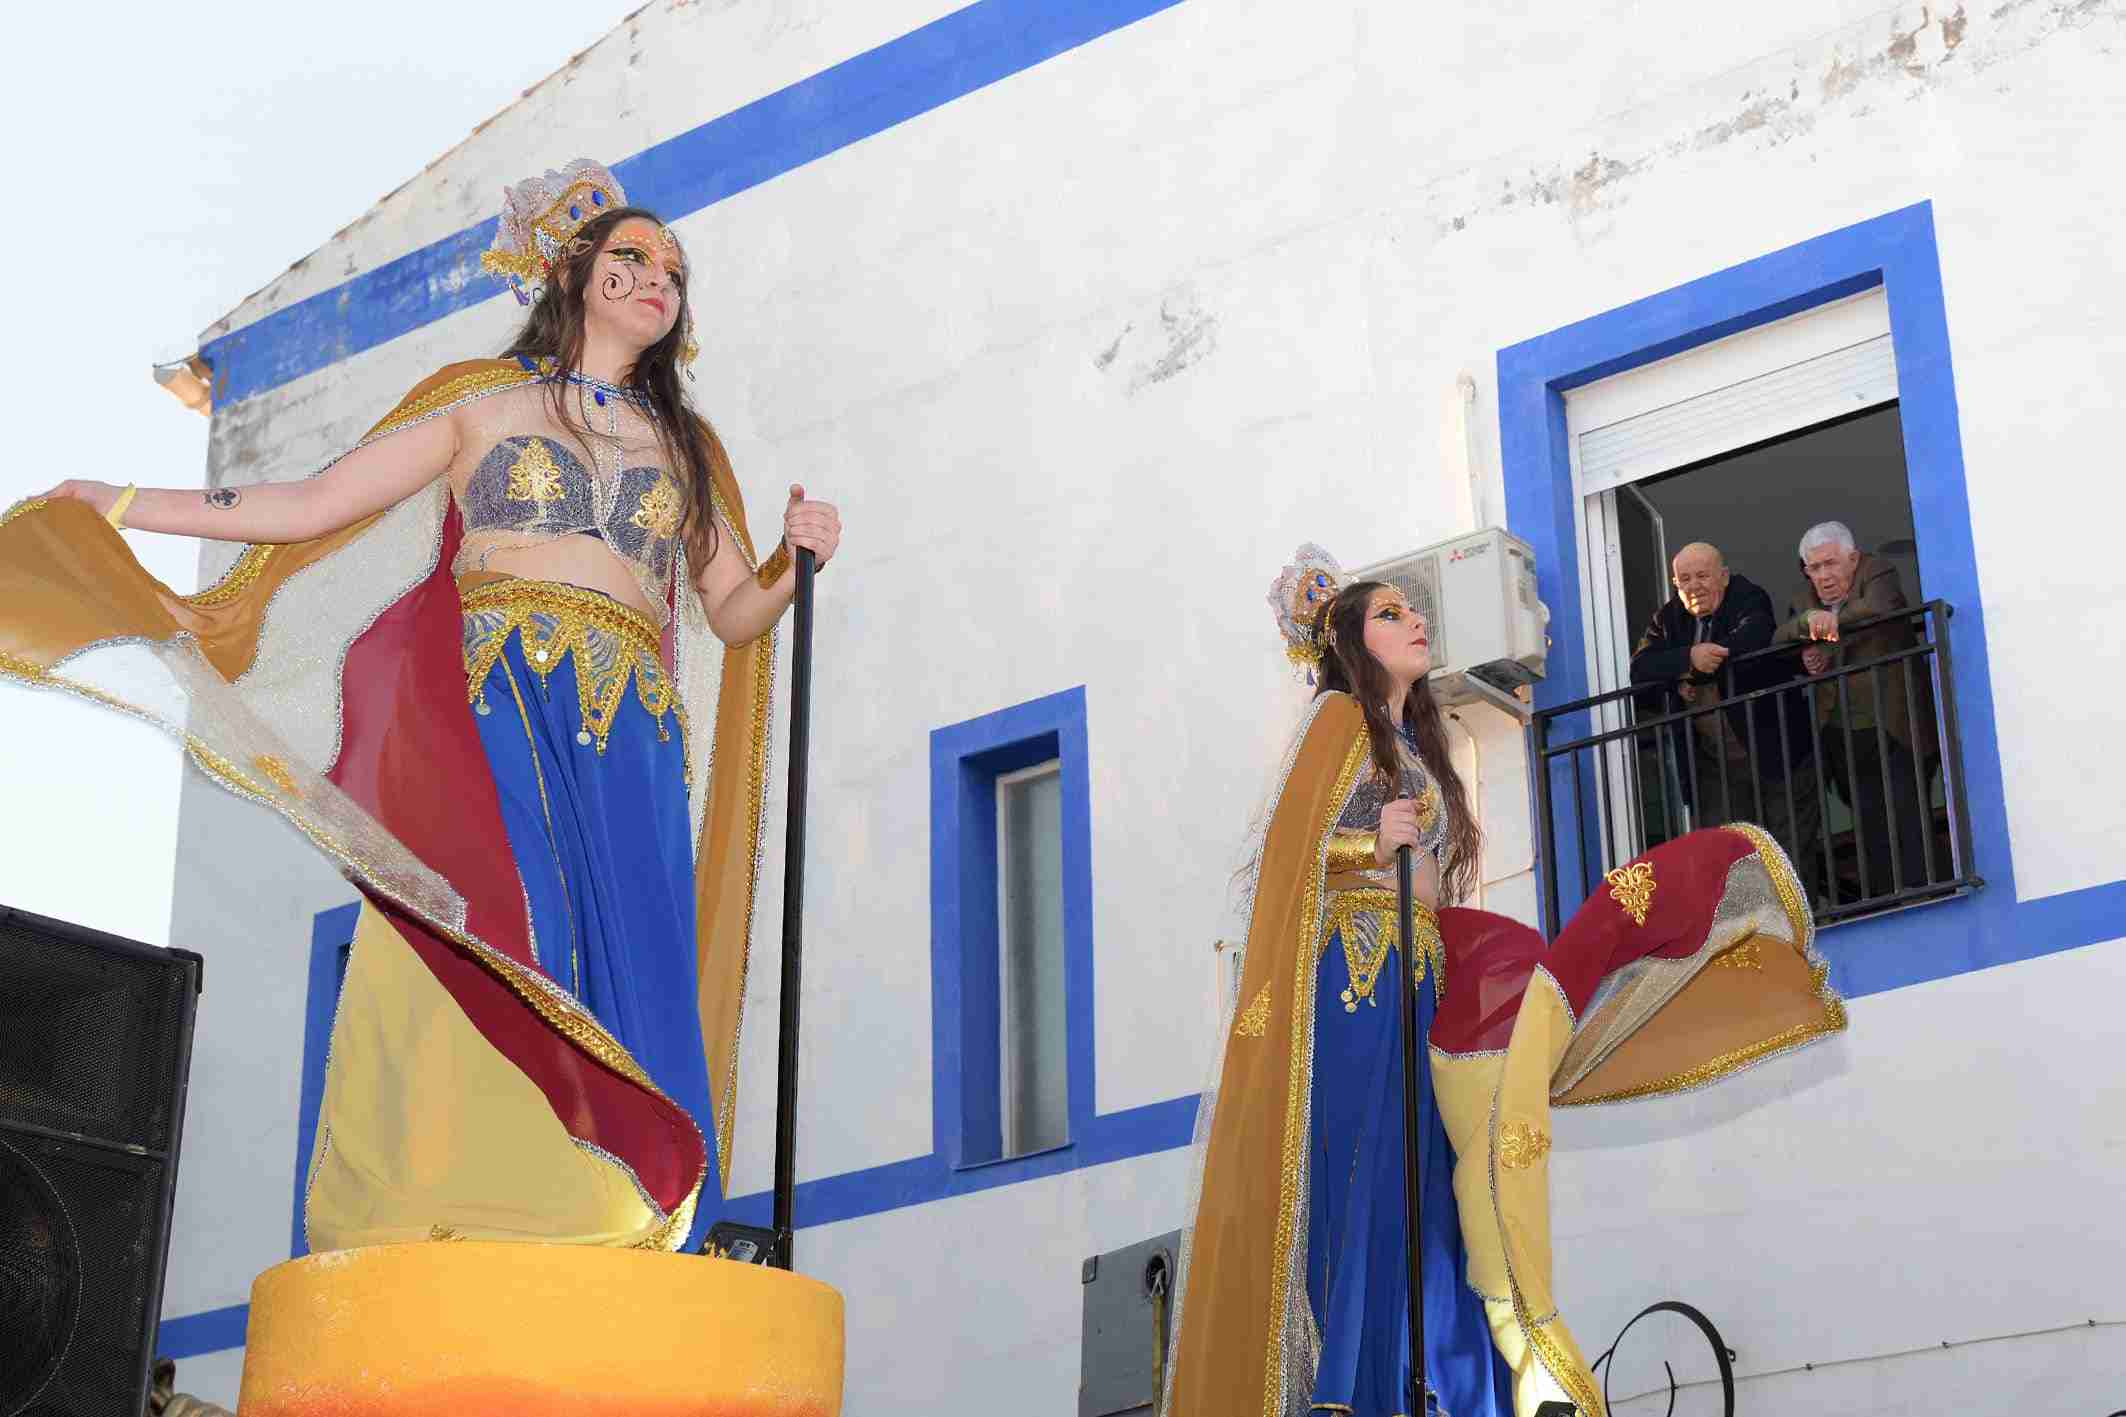 Ritmo, color y mucha originalidad en el Desfile de Comparsas 2020 de Argamasilla de Alba 44